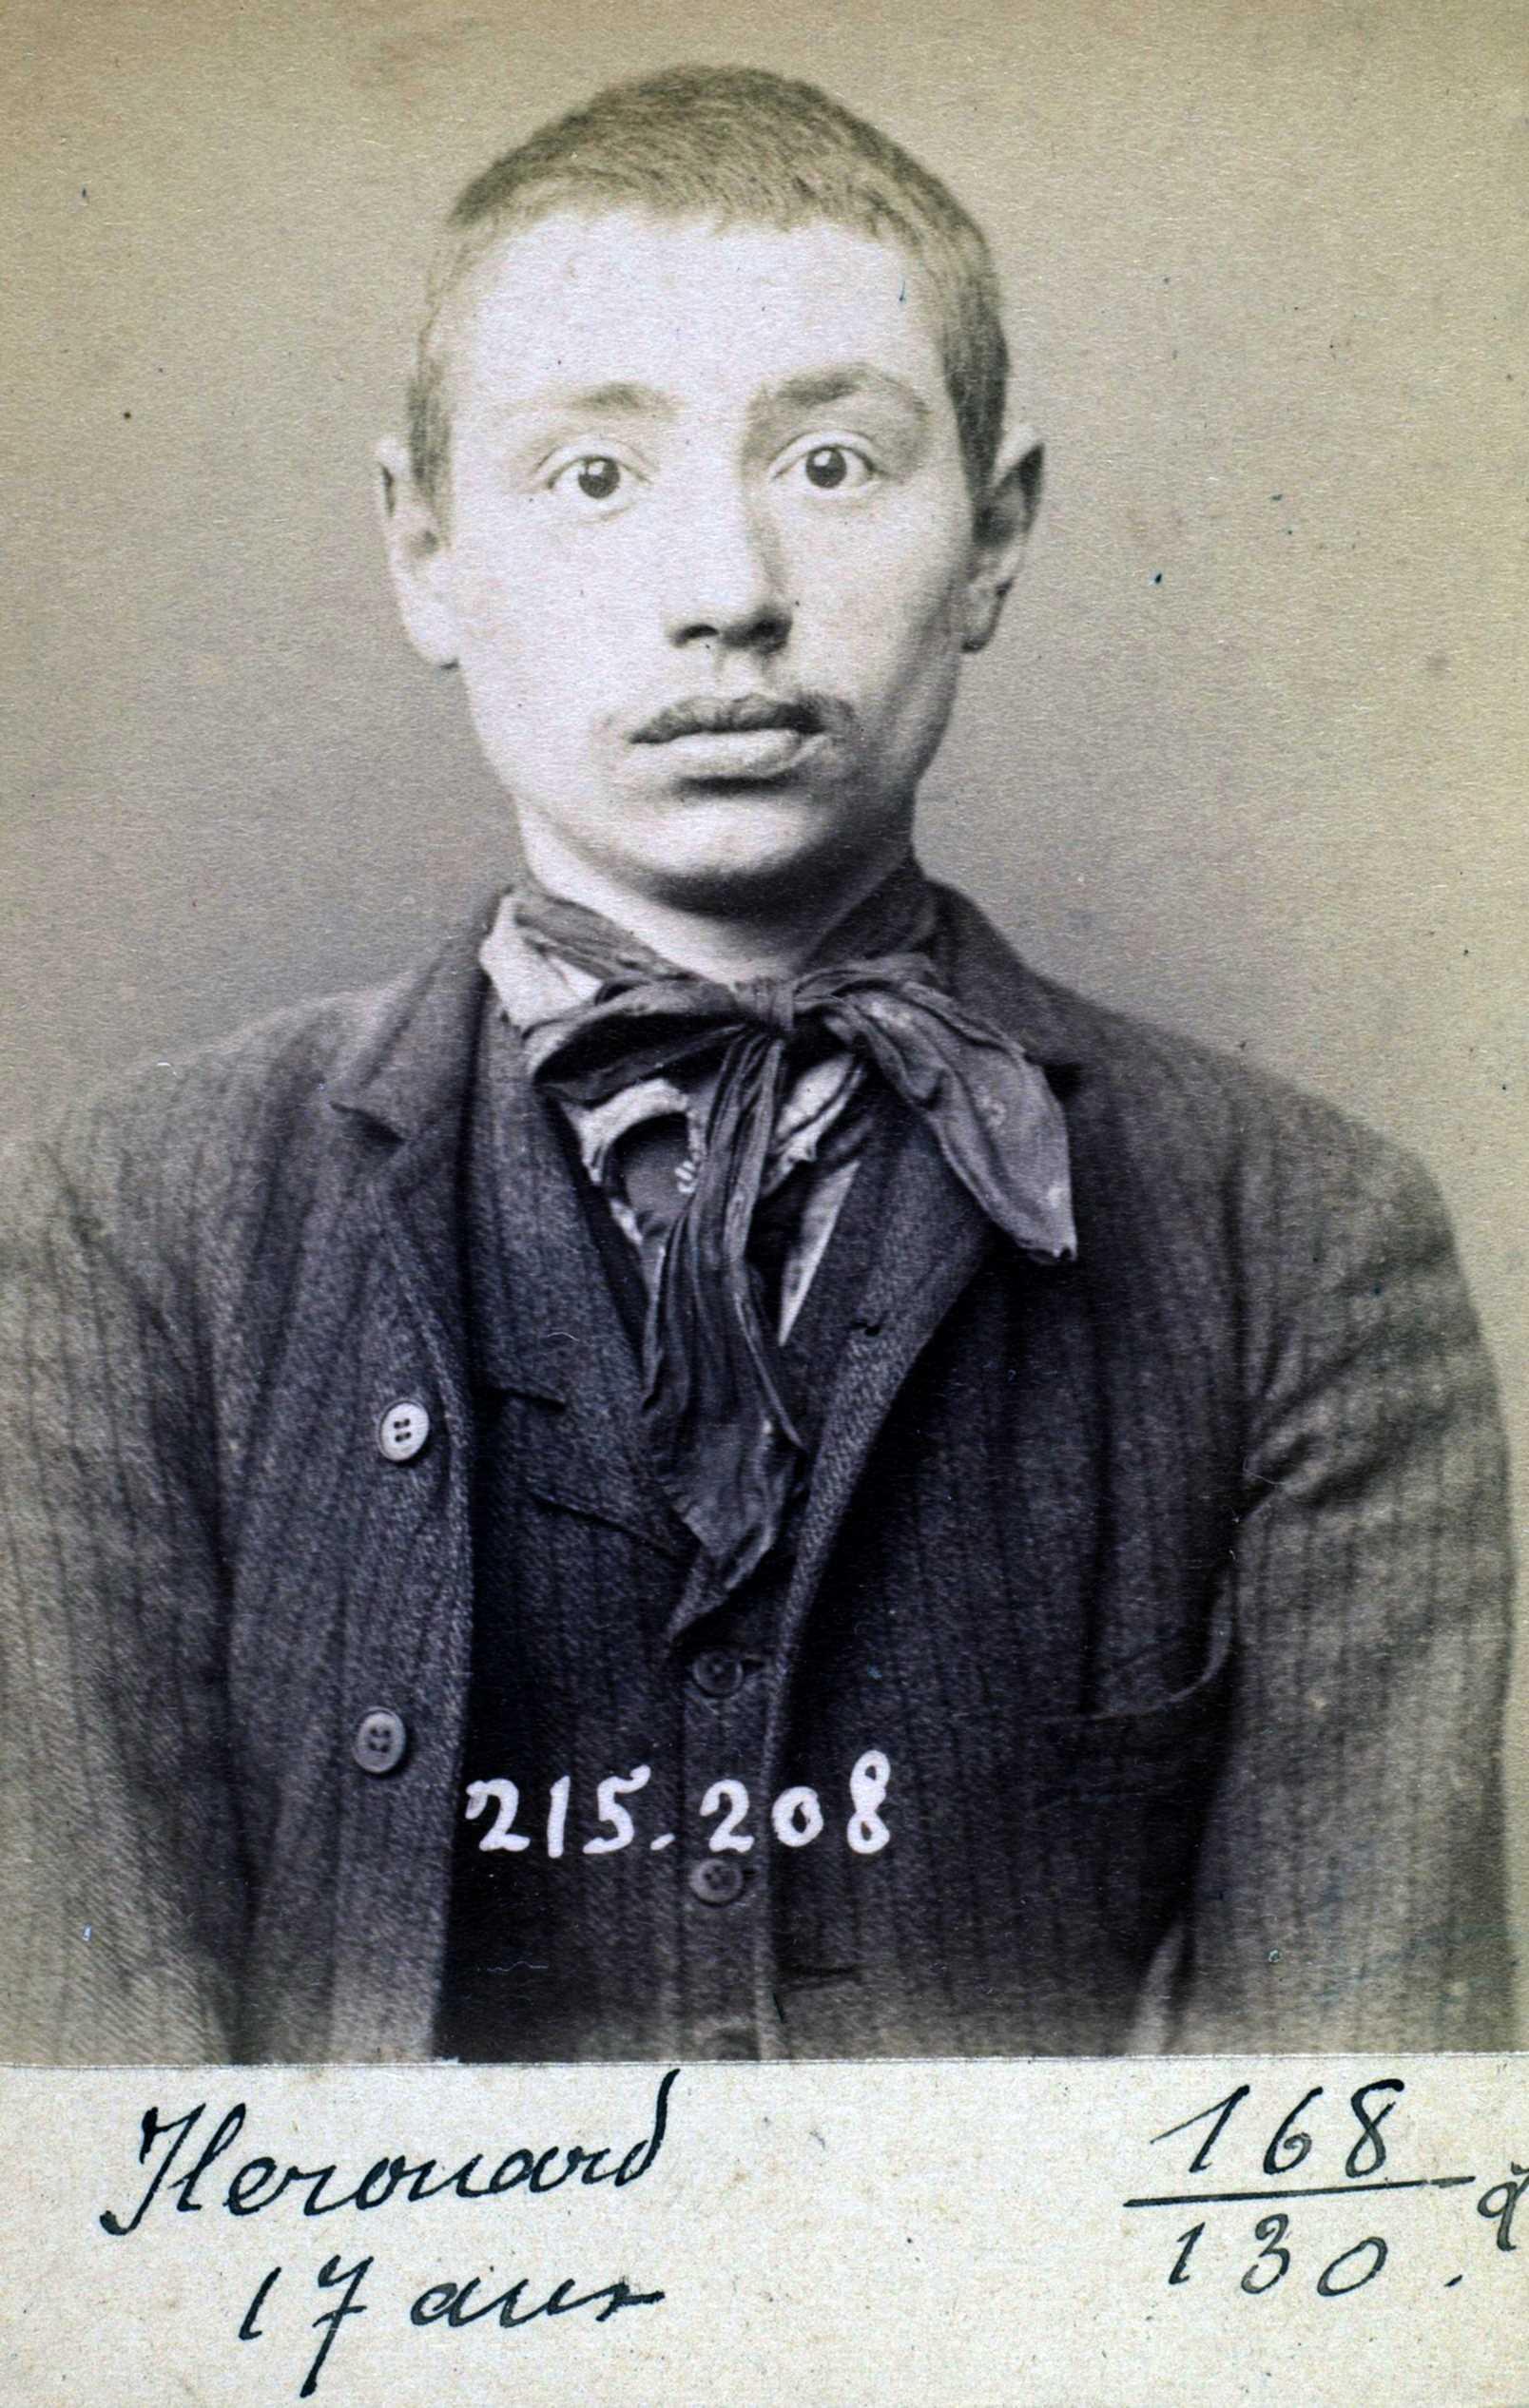 Fotografia policíaca d'Henri Hérouard (6 de març de 1894)